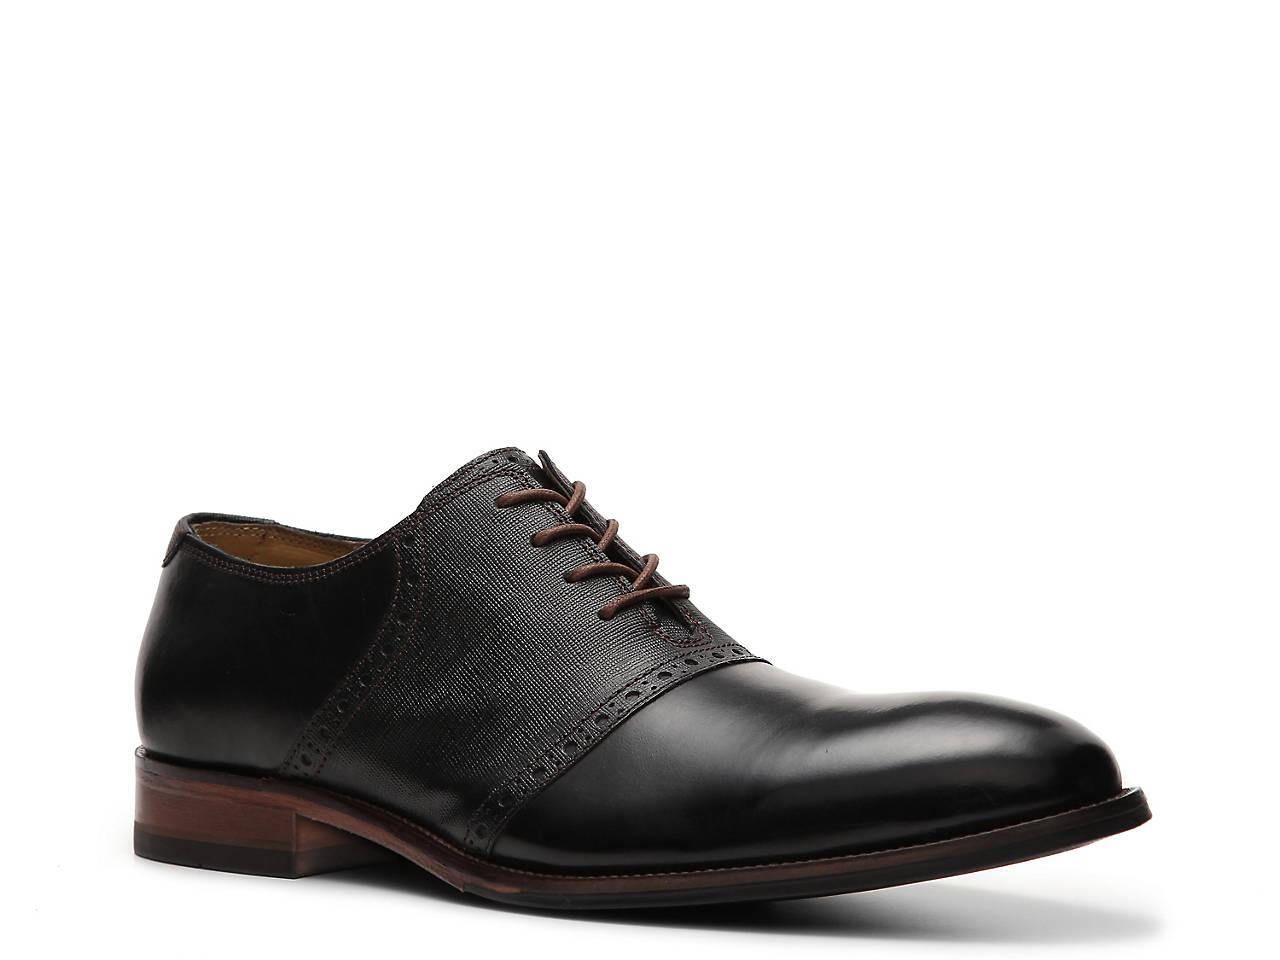 d966952159ba Cole Haan Williams Saddle Oxford Men s Shoes